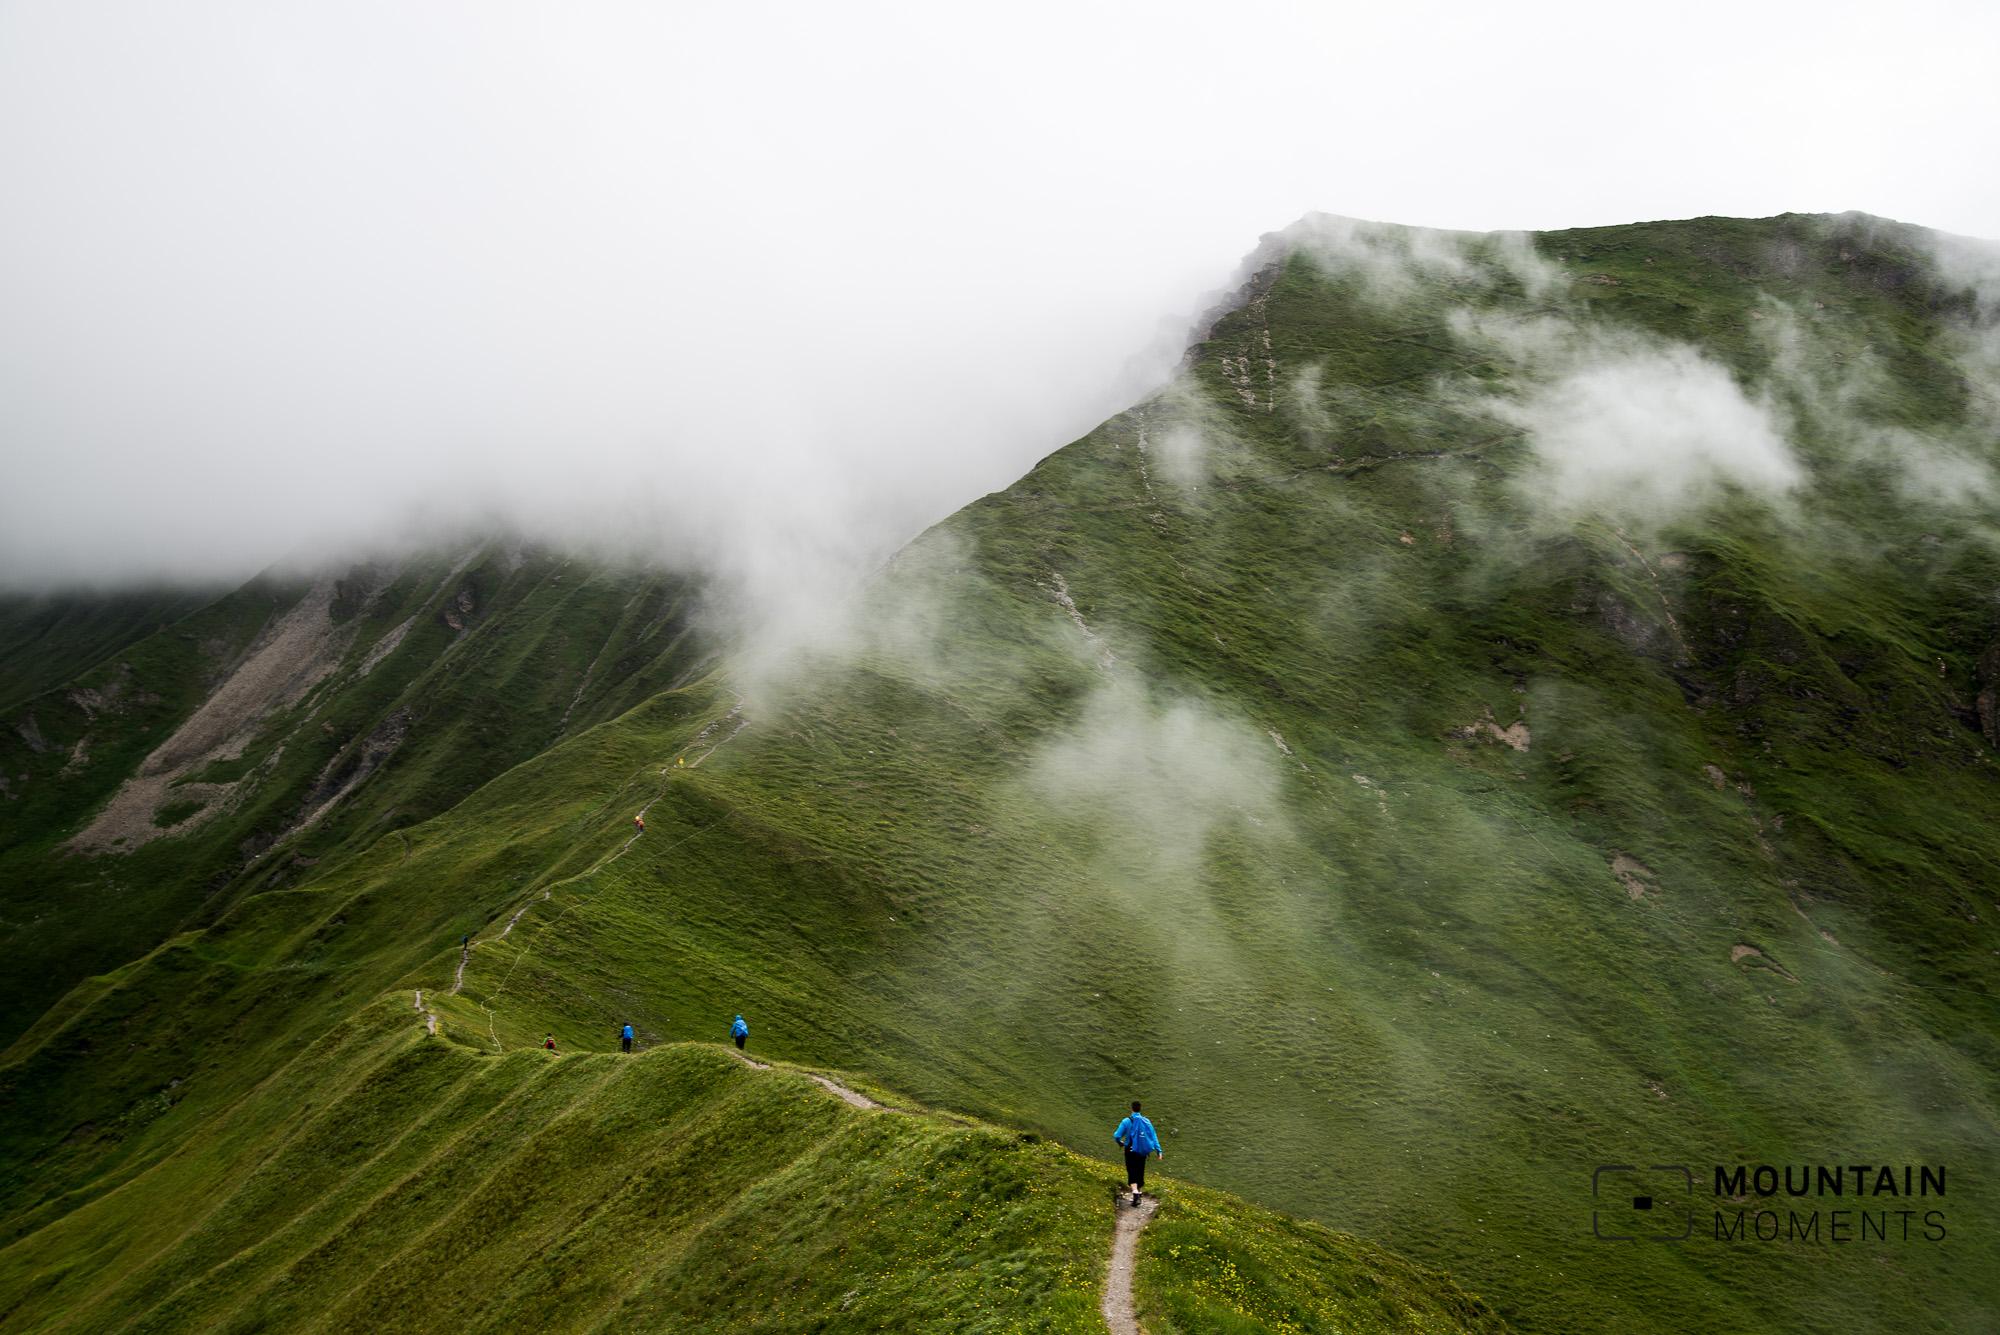 bergfotografie, berge fotografieren, hügel, grüne wiese, moody, fotografieren im regen, bergwandern, foto wandern, fotowandern, foto wanderung